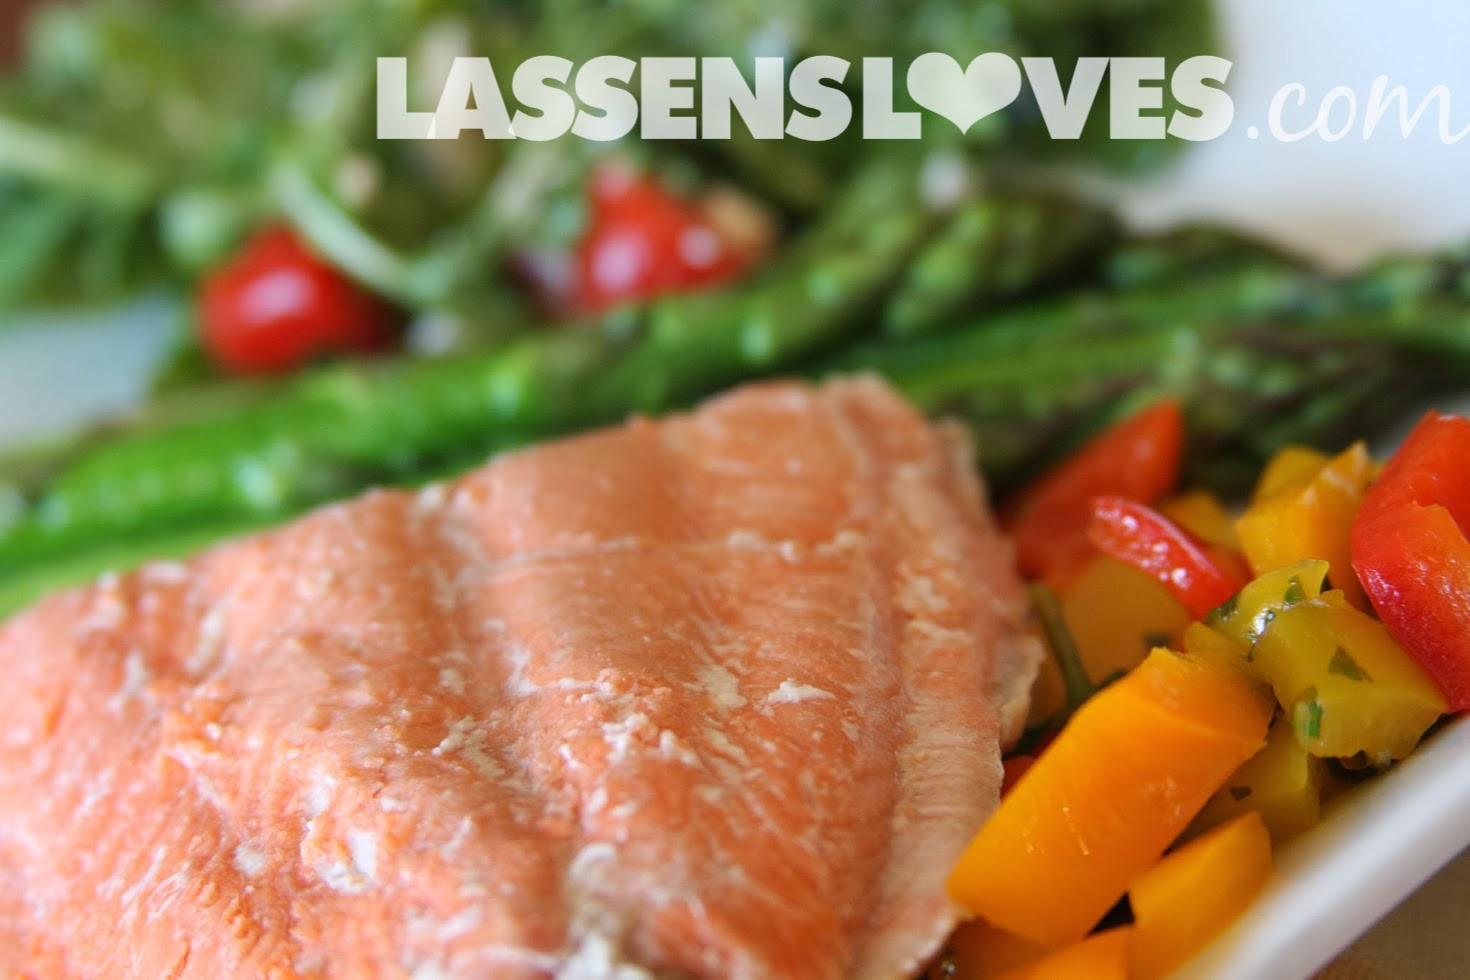 lassensloves.com, Lassen's, Lassens, wild+caught+fish, wild+caught+salmon